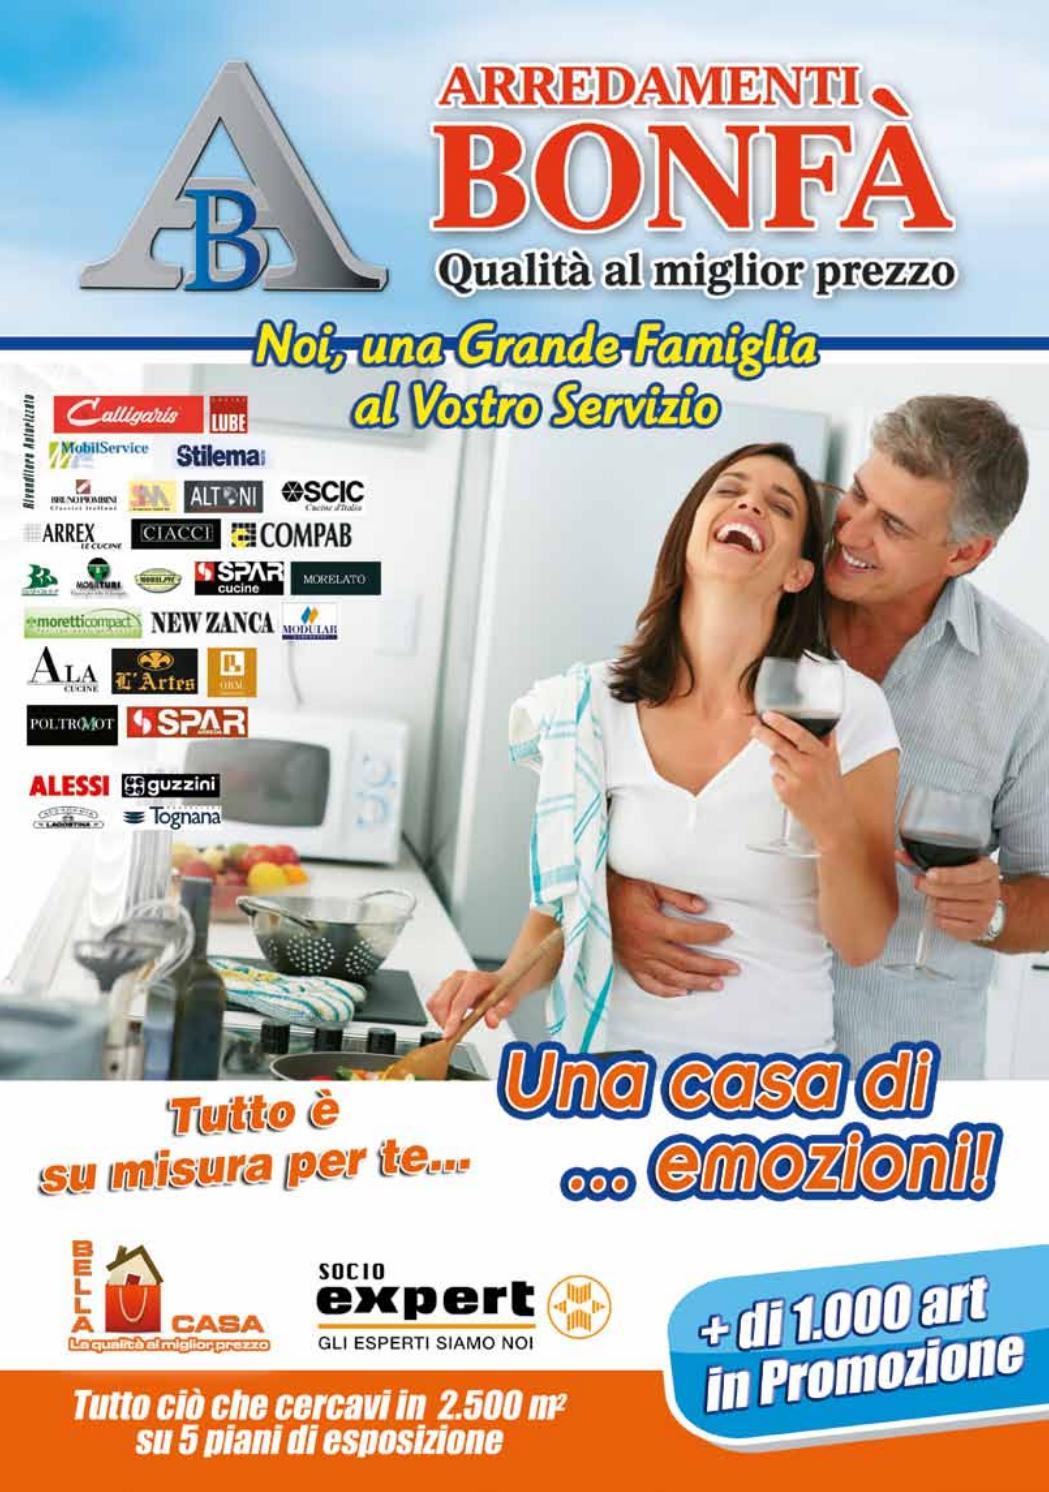 Promo mobili 2016 by grandi magazzini europa 2000 srl issuu for Magazzini mobili